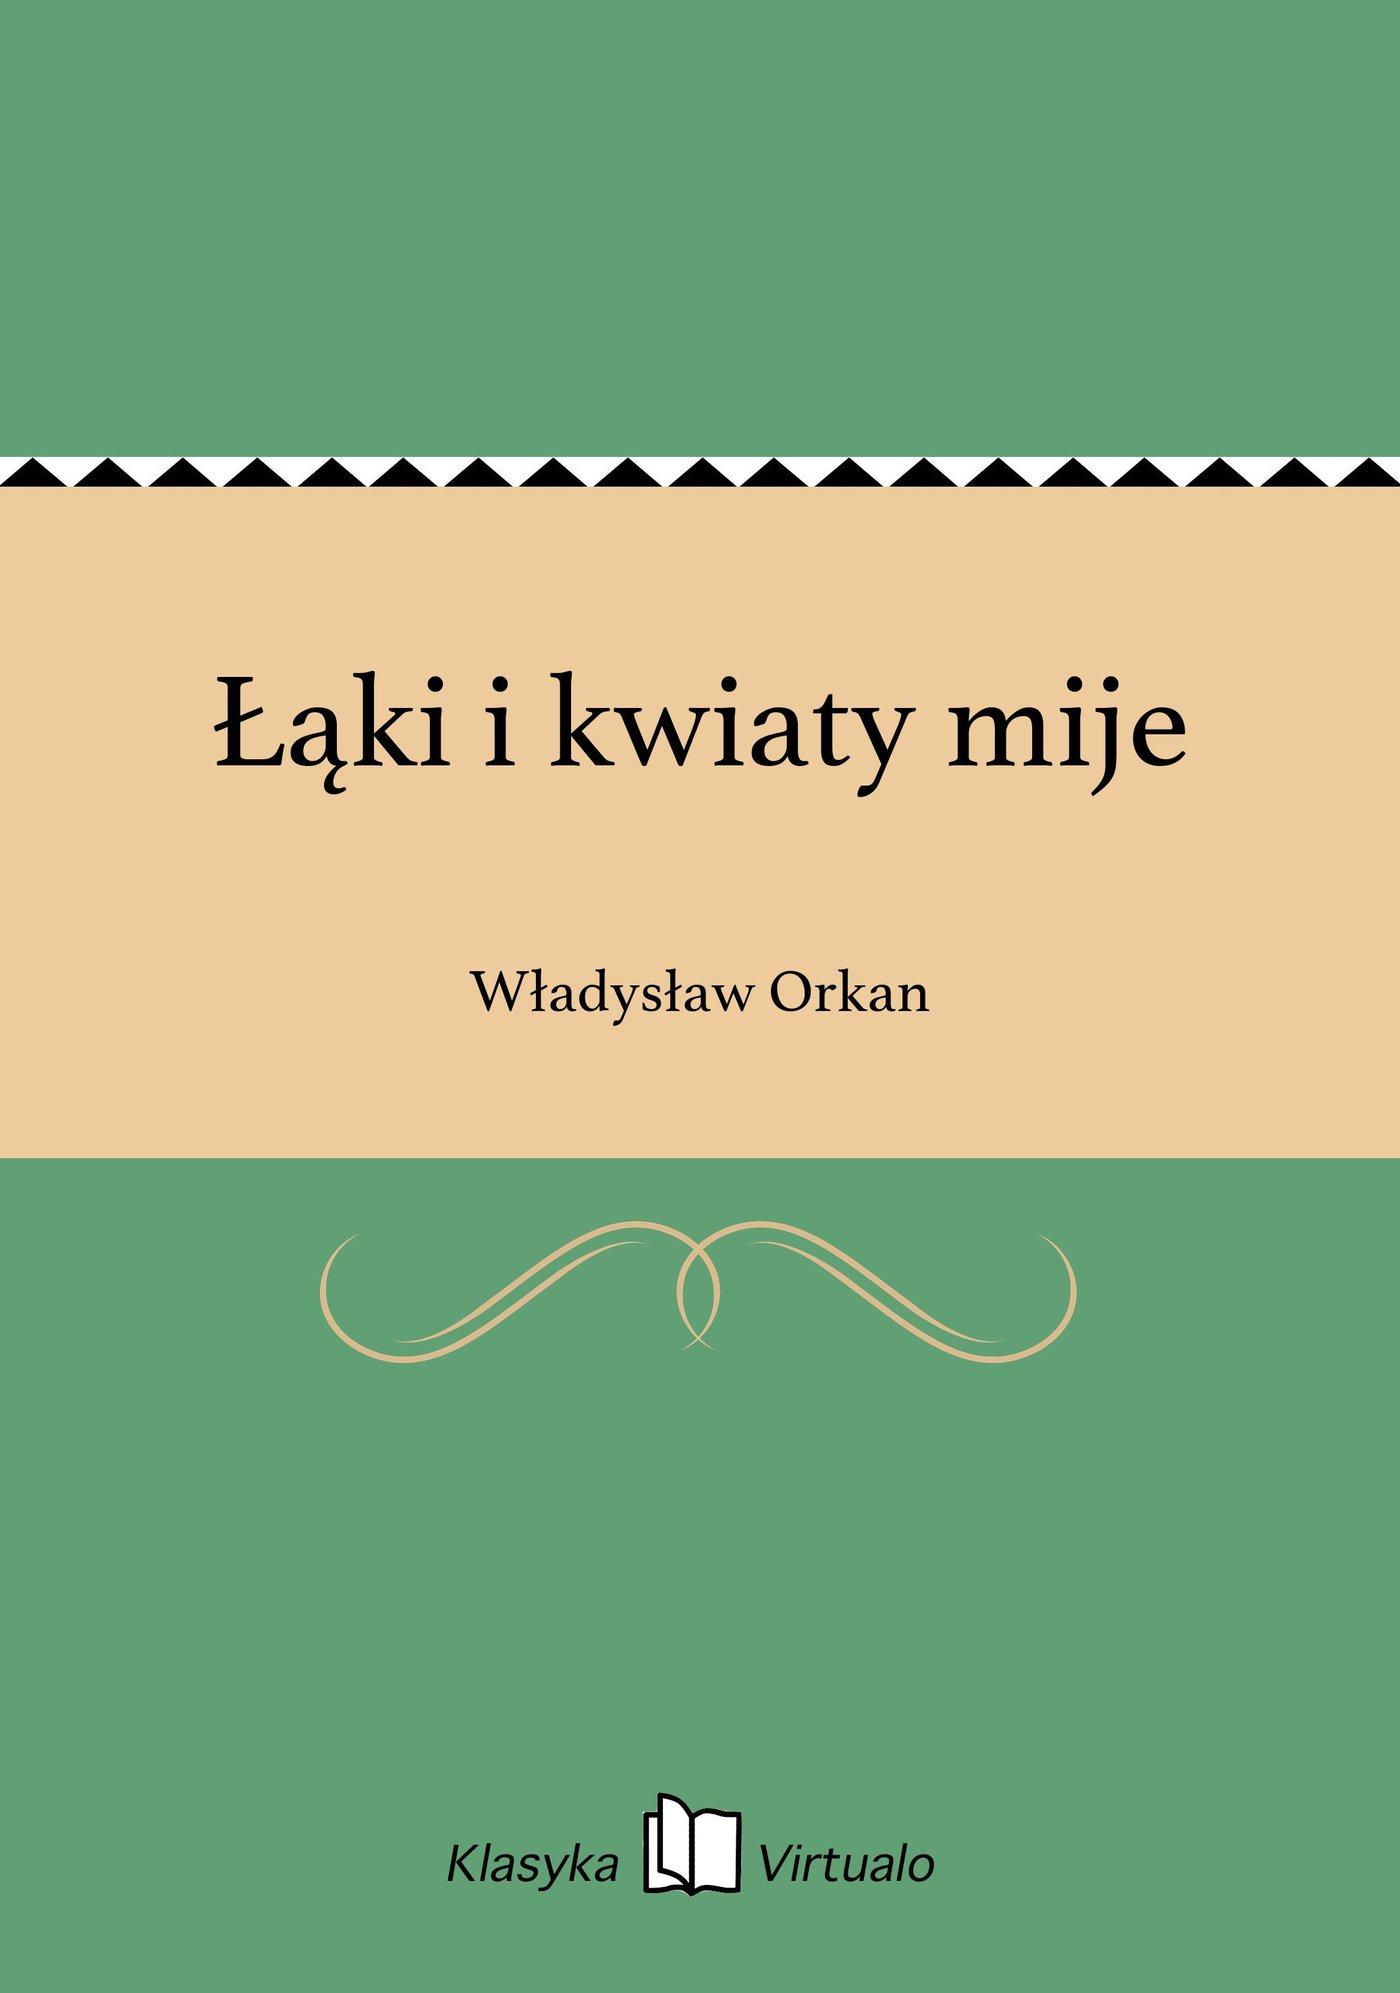 Łąki i kwiaty mije - Ebook (Książka EPUB) do pobrania w formacie EPUB